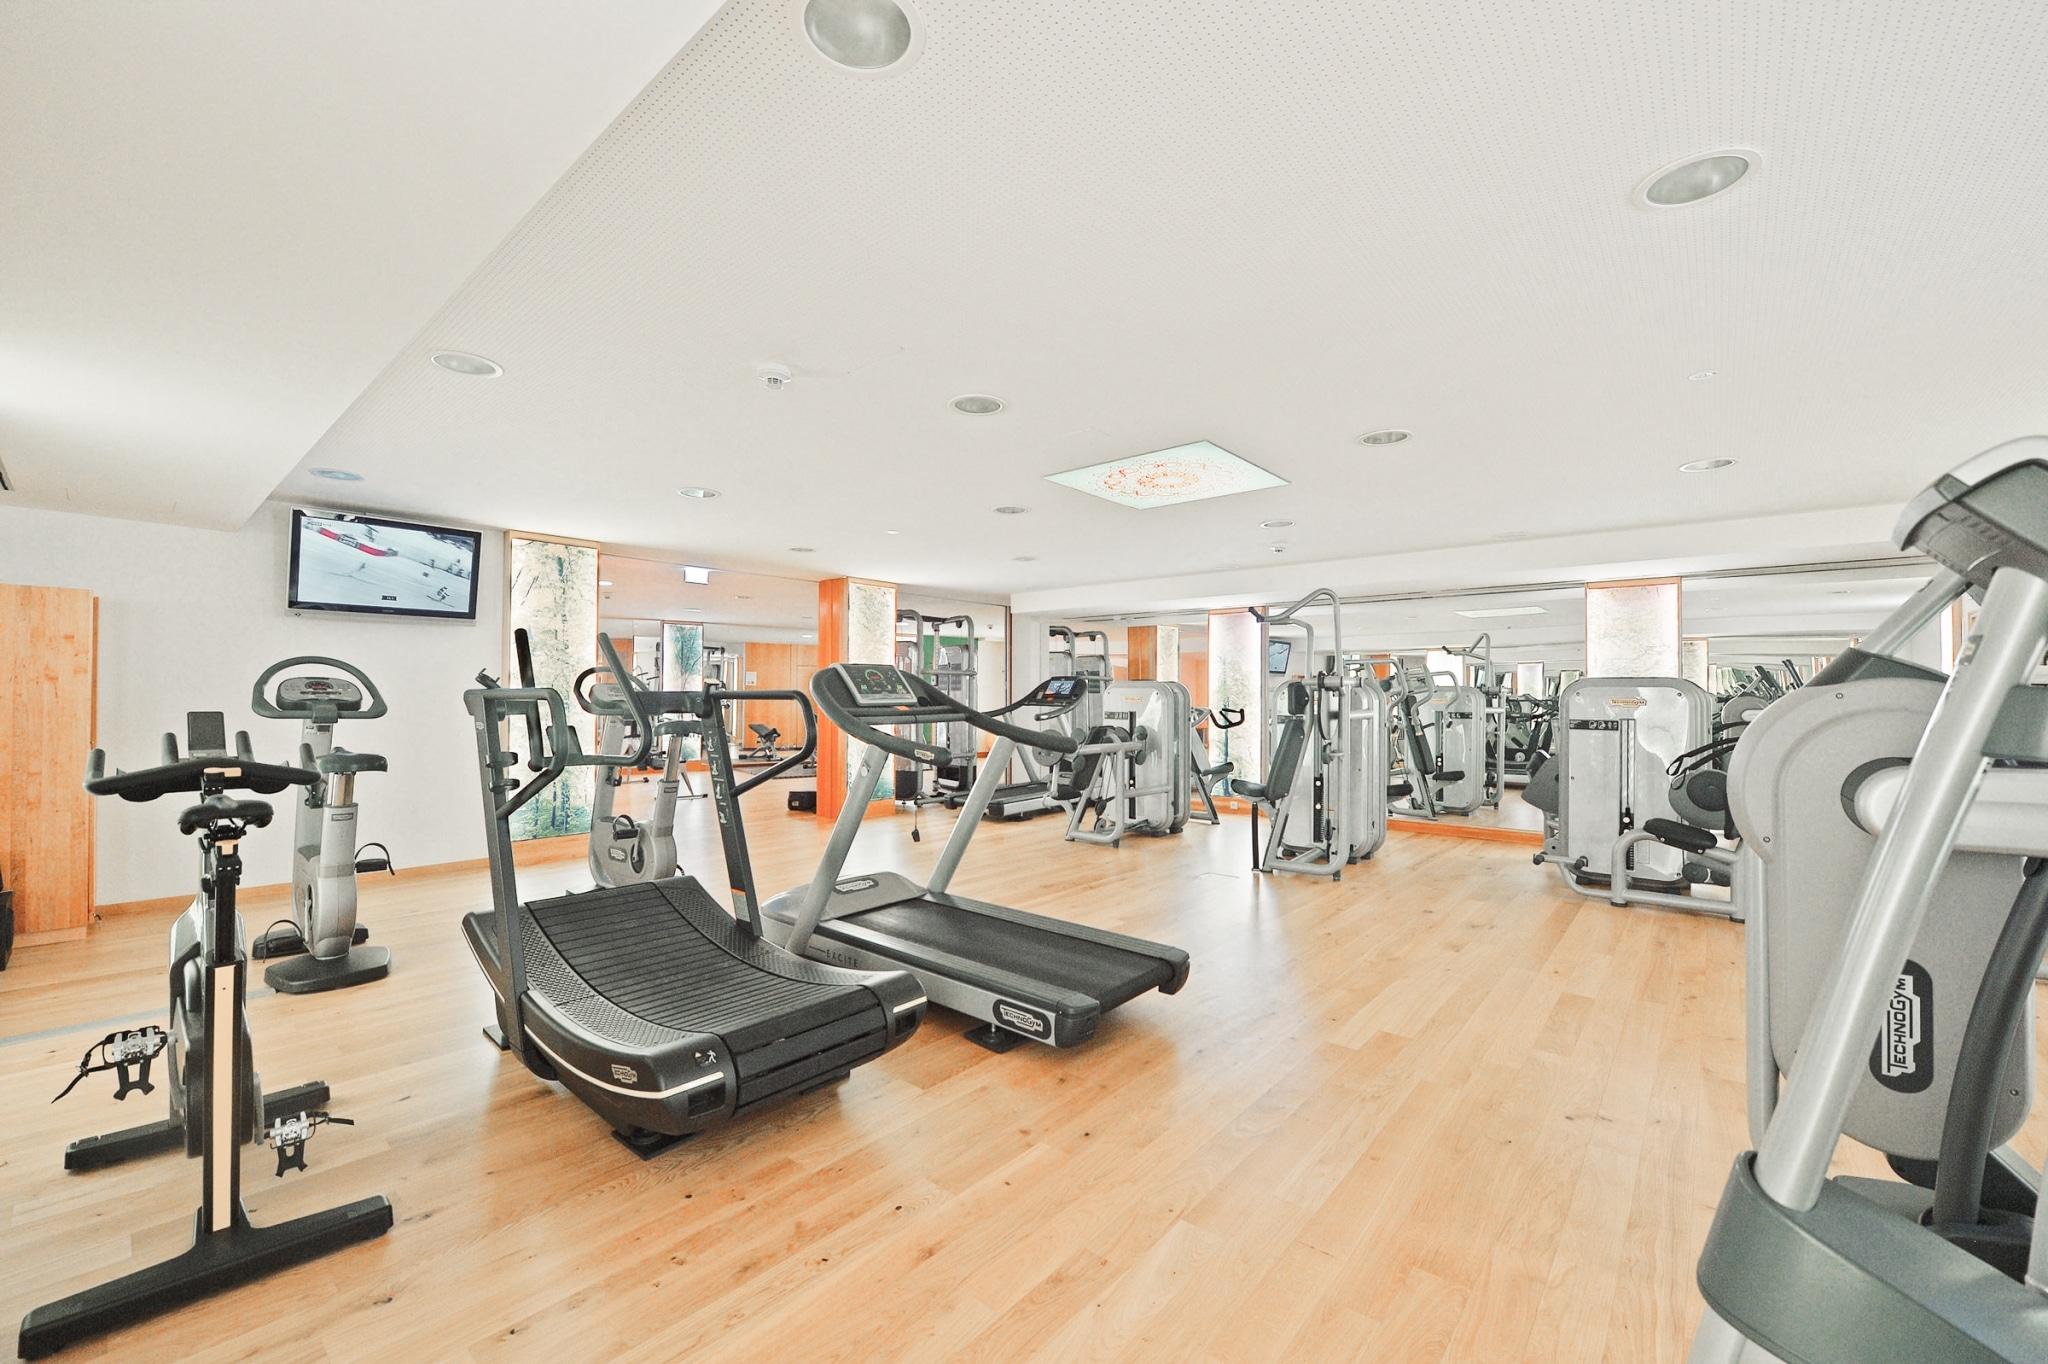 Fitnessraum mit Geräten im Biohotel Retter